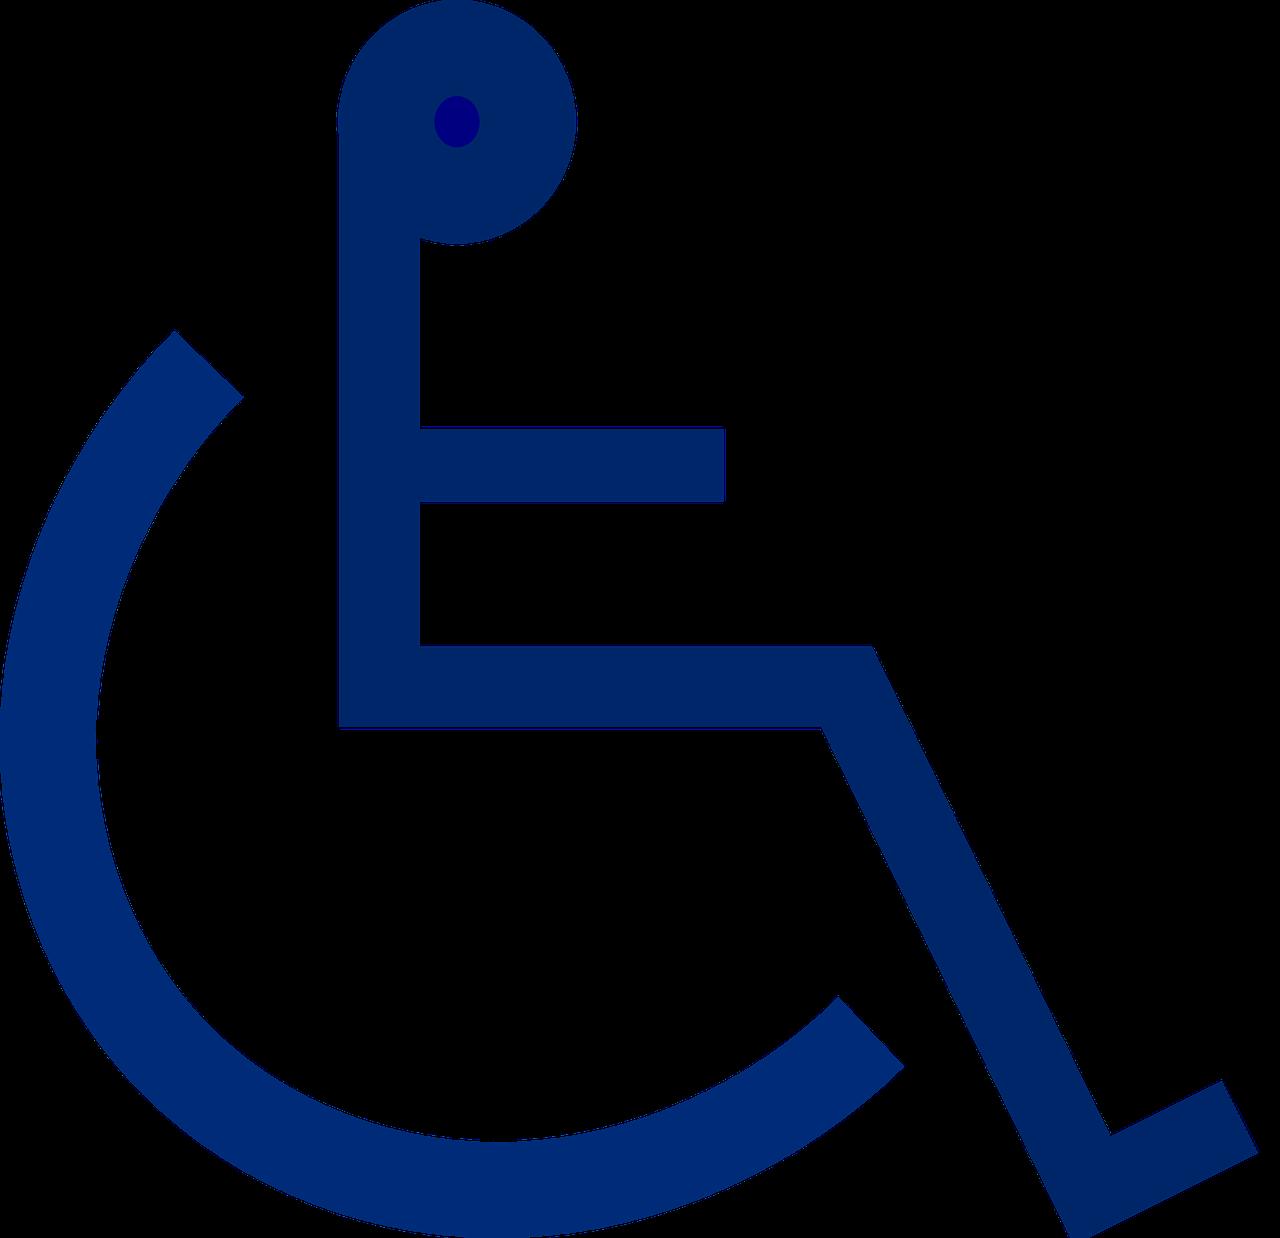 Woonlocatie Land voor Water Gemiva - SVG- Groep beoordeling instelling gehandicaptenzorg verstandelijk gehandicapten